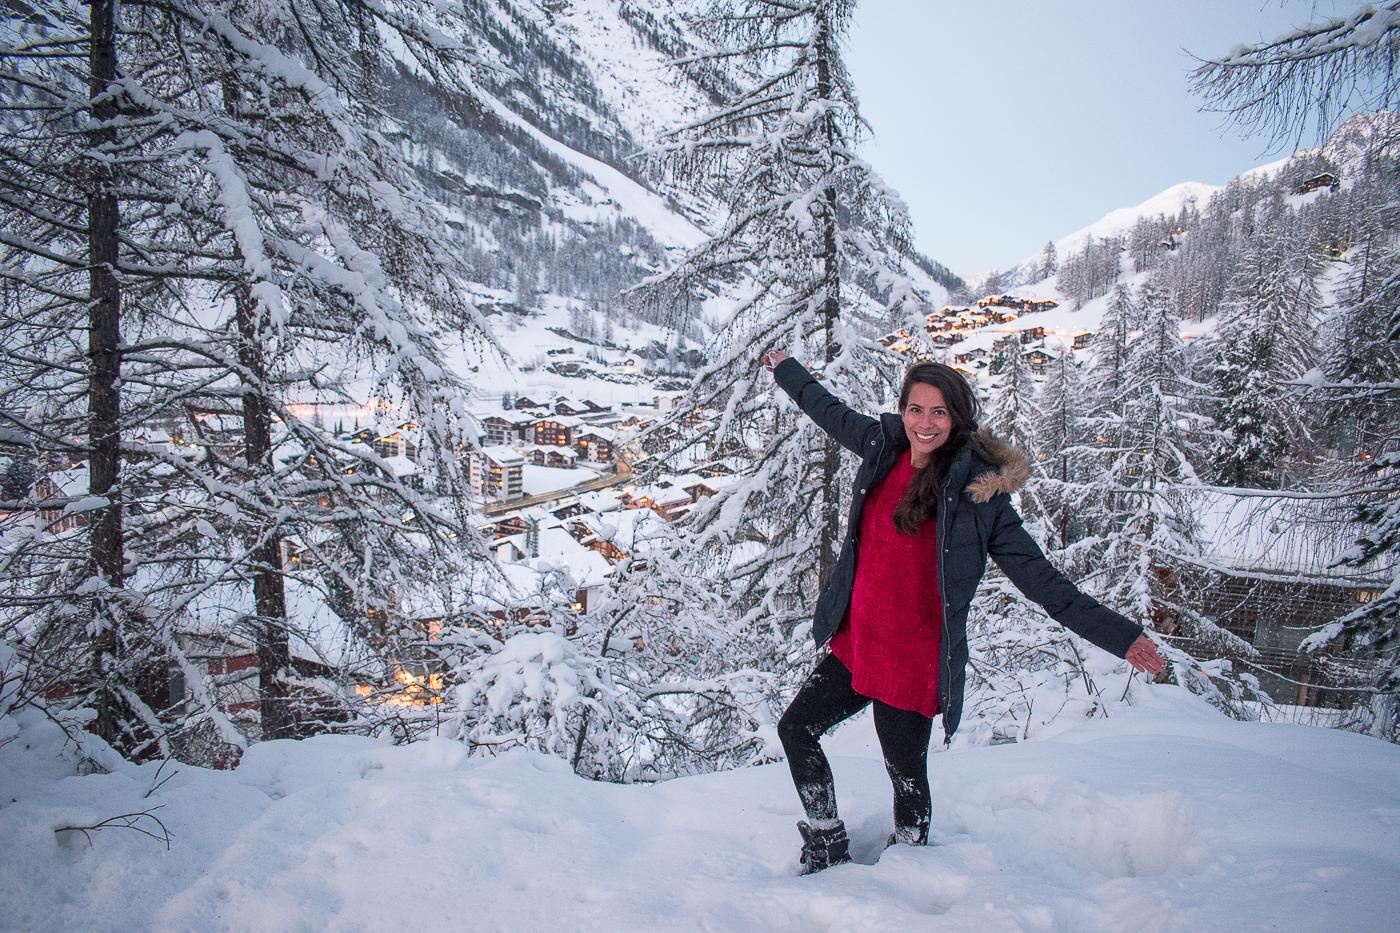 O que vestir em sua viagem de inverno - Roupas de frio e neve  e43796eb5a3